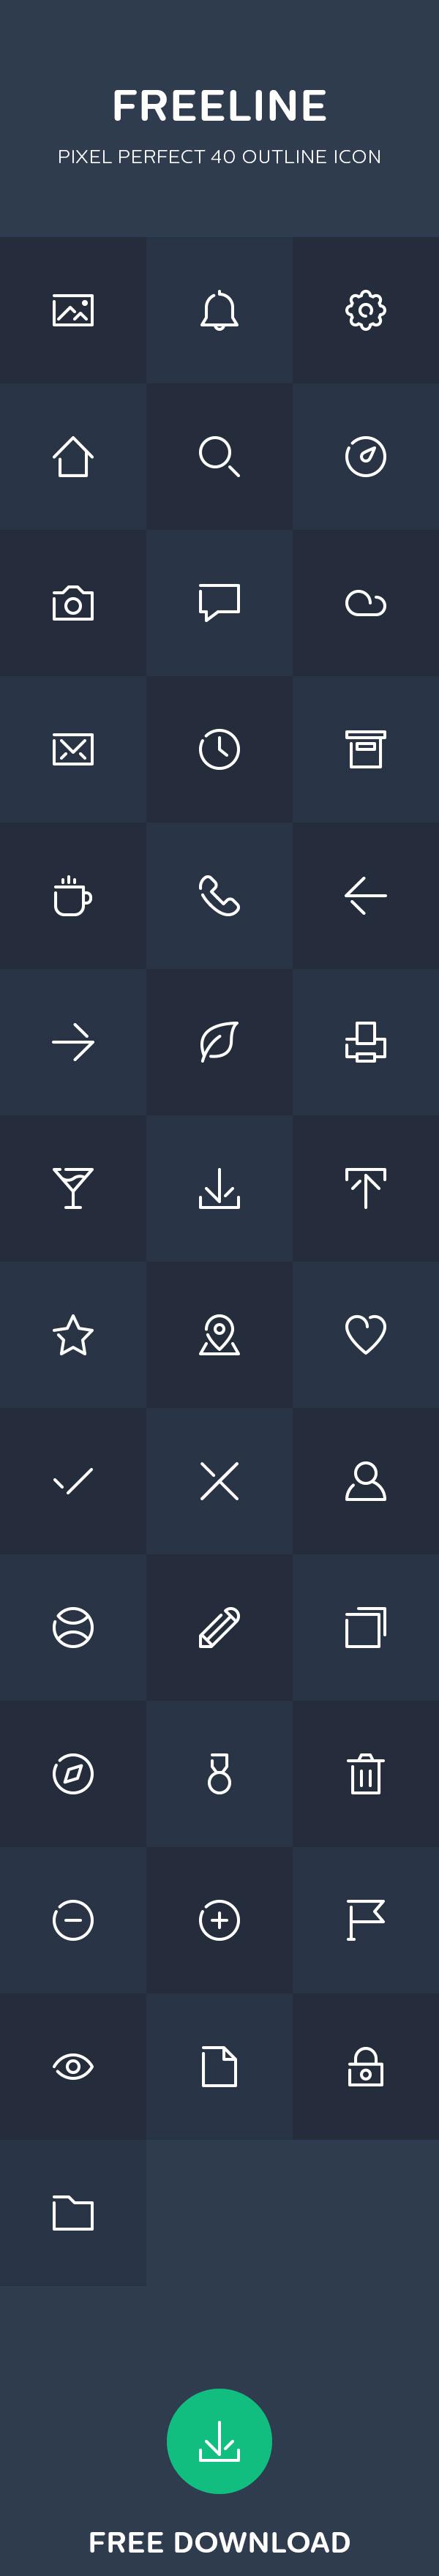 Freeline - 40 free outline icon